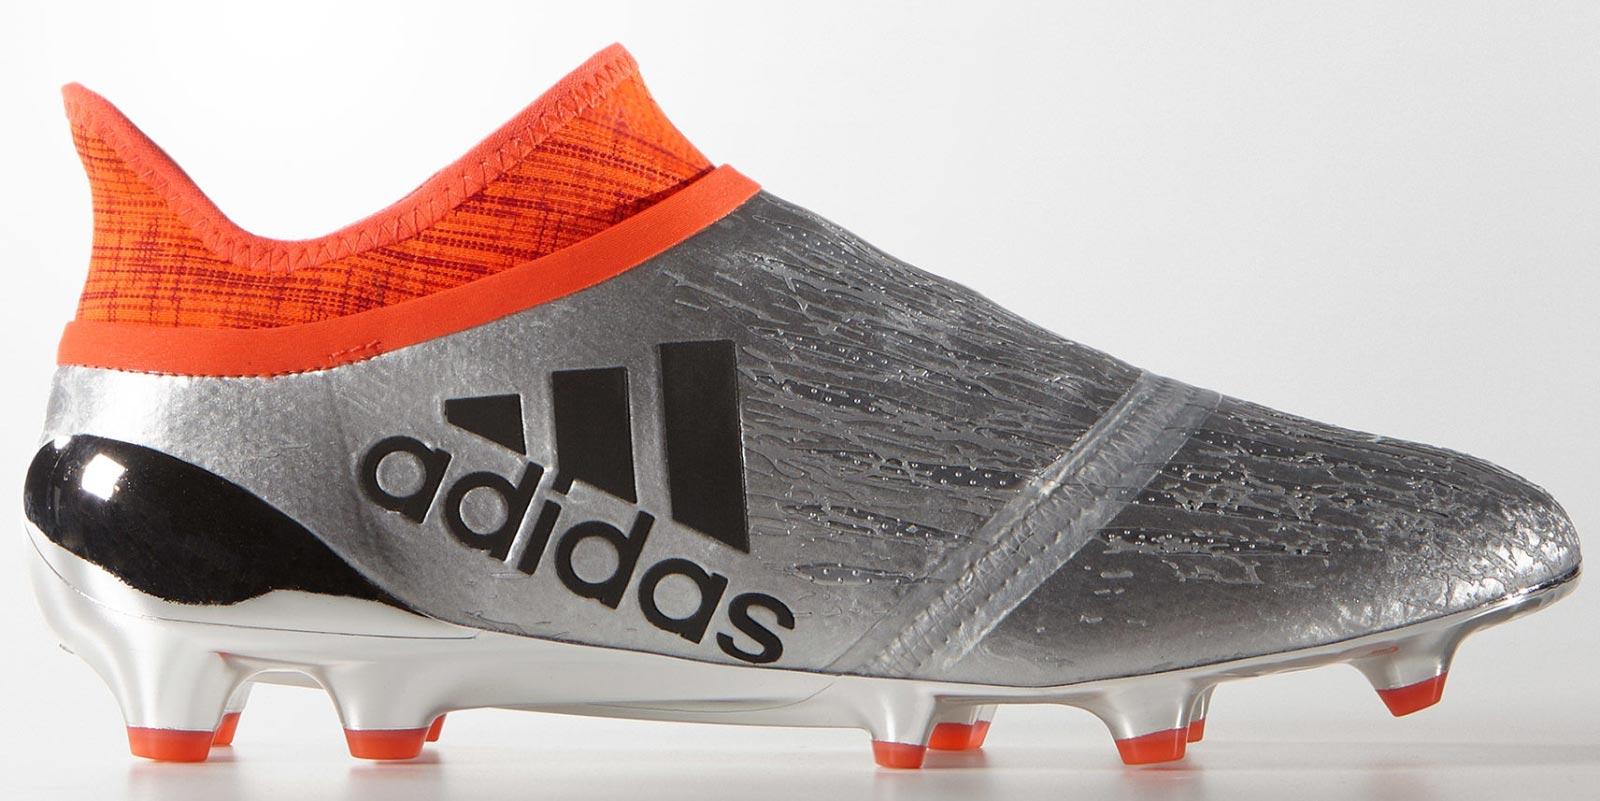 ... Shoes - S79485 Adidas X 16+ vs Adidas X 16.1 vs Adidas X 16.2 vs Adidas  X 16.3 . 136dabba7